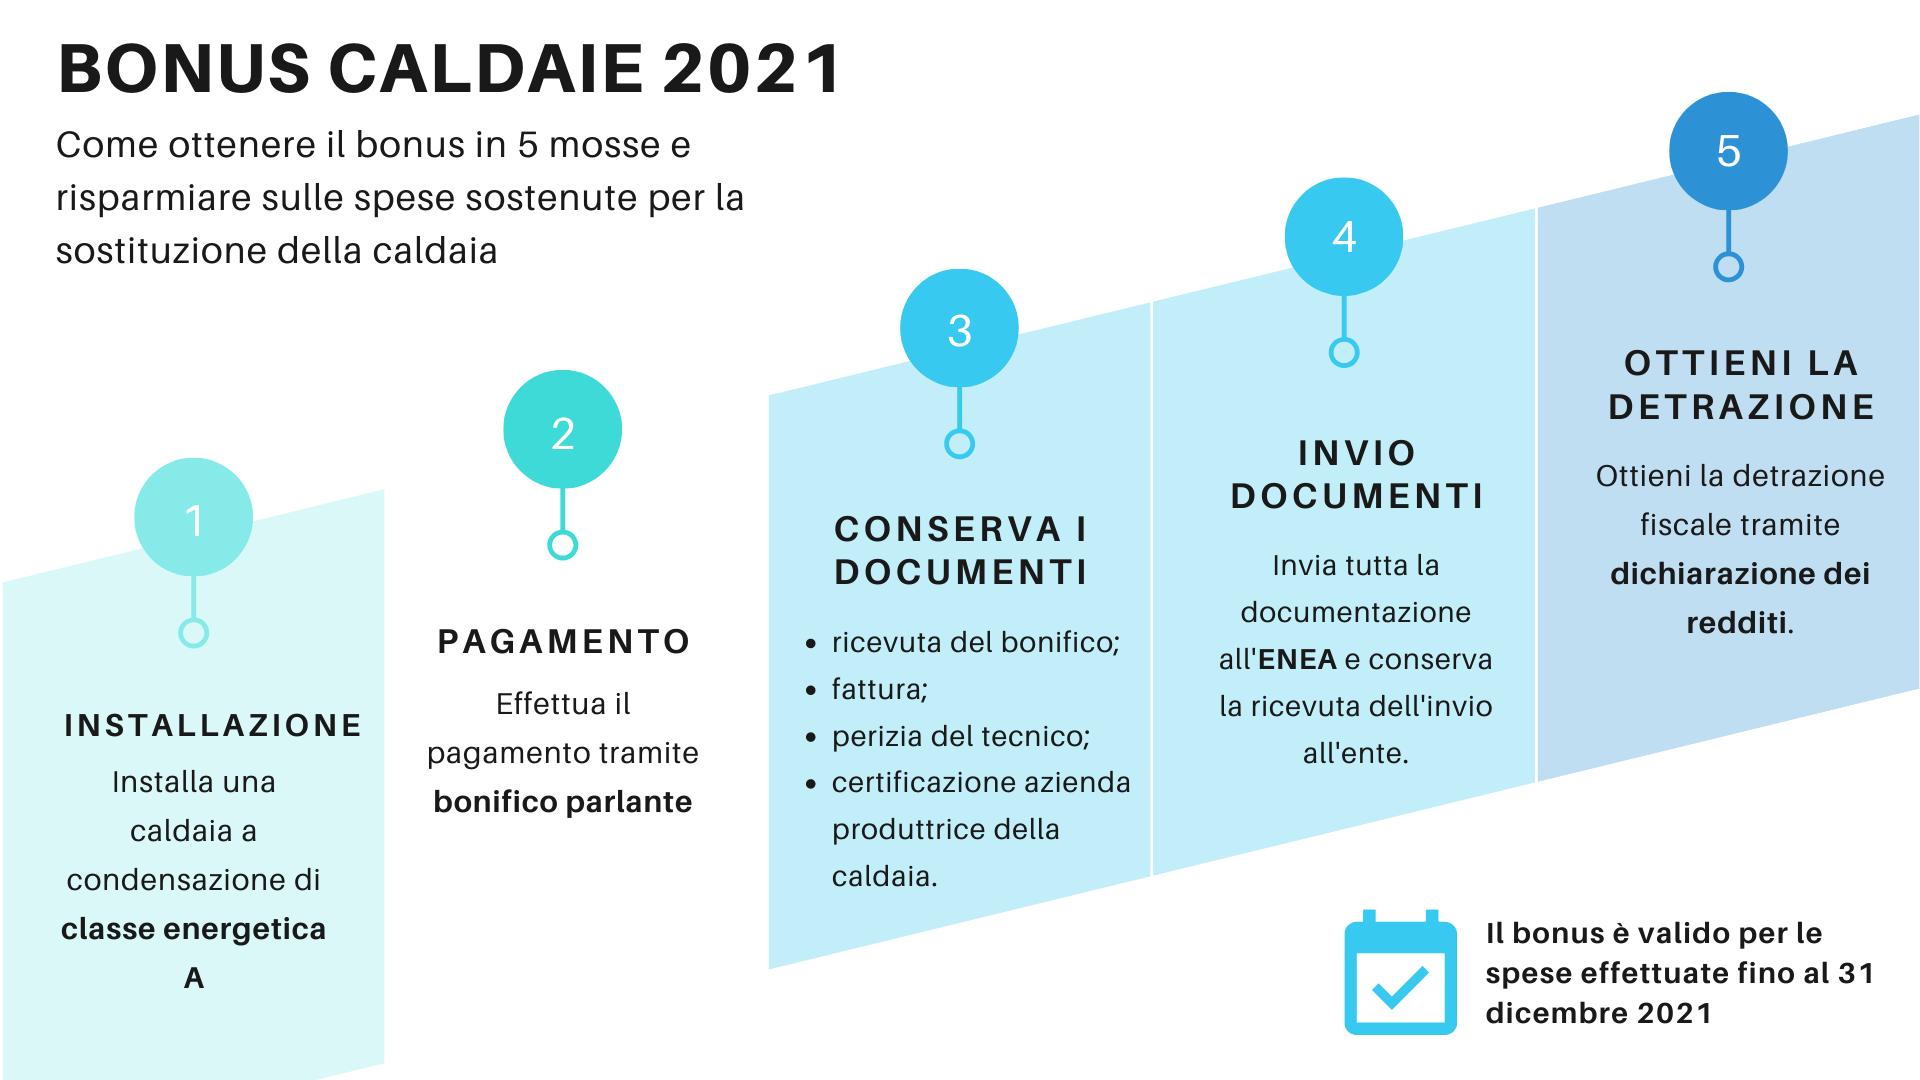 bonus caldaie 2021